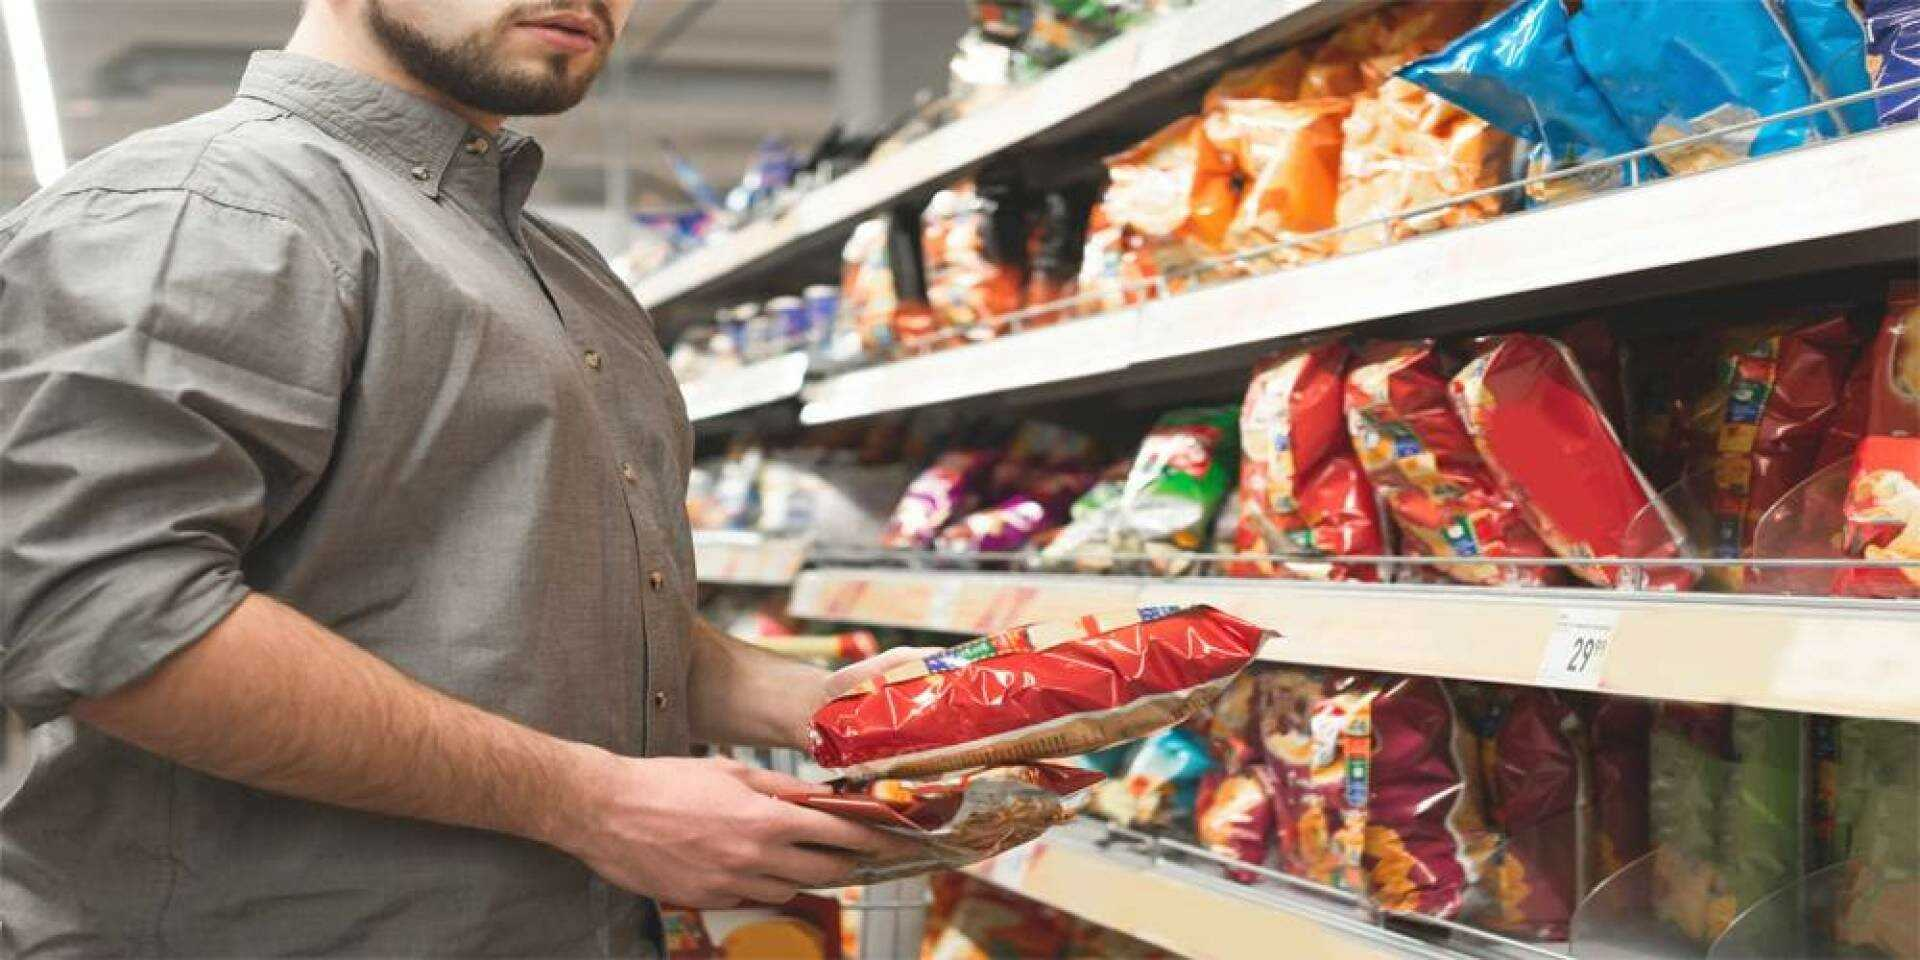 مبيعات الوجبات الخفيفة تنمو 14% في الأسواق الناشئة حتى عام 2025